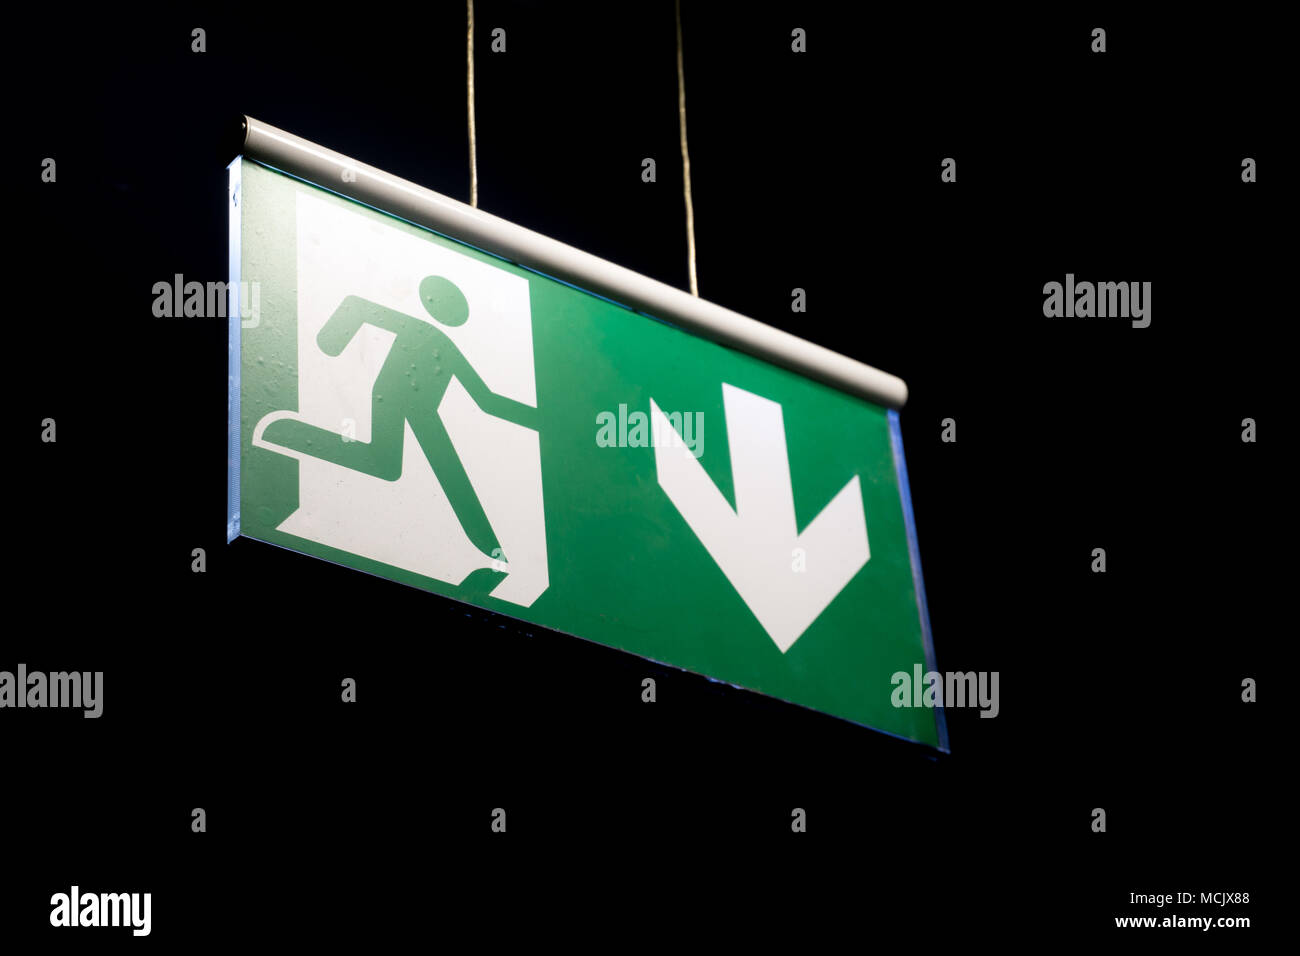 Salida de emergencia cartel colgado en una pared. Señal de salida de emergencia en un edificio iluminado en color verde Foto de stock